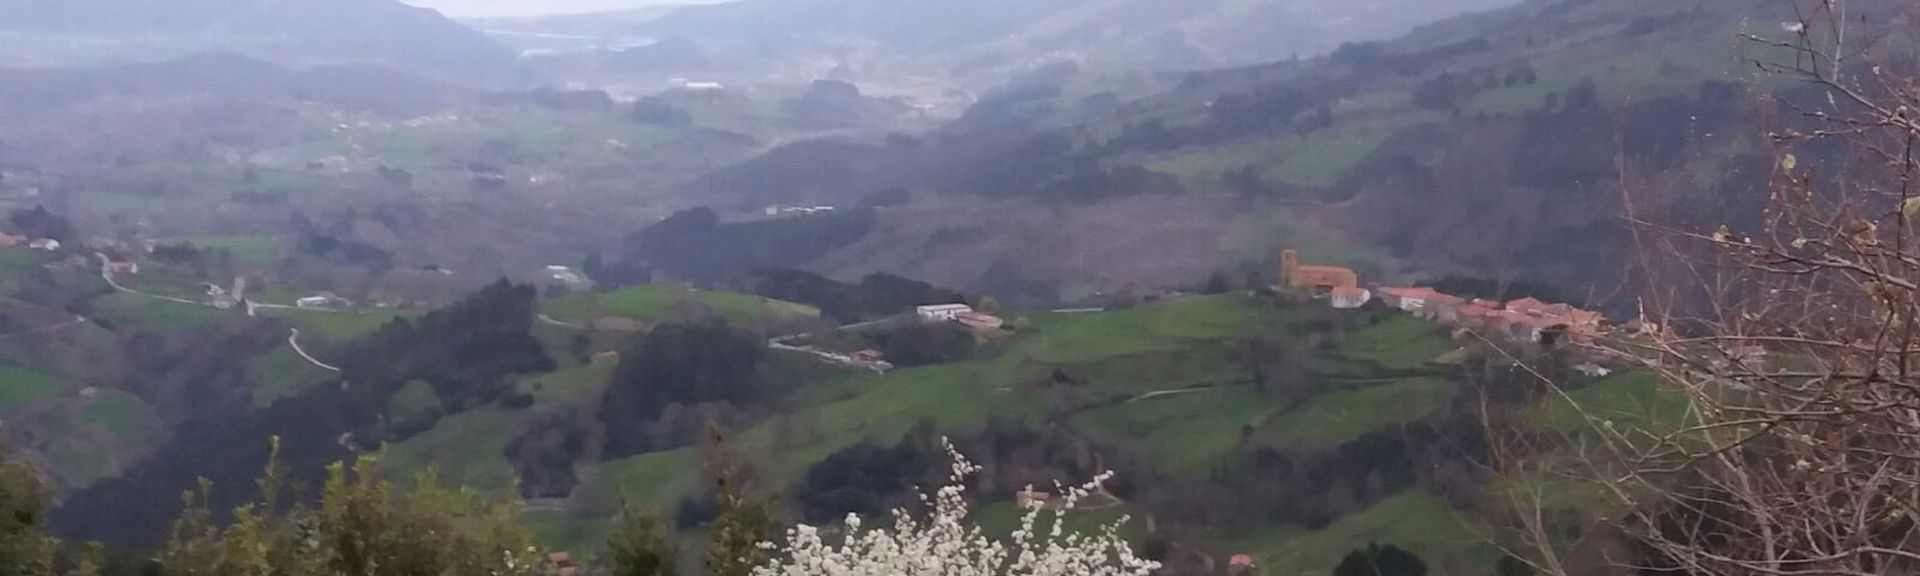 Islares, Kantabrien, Spanien